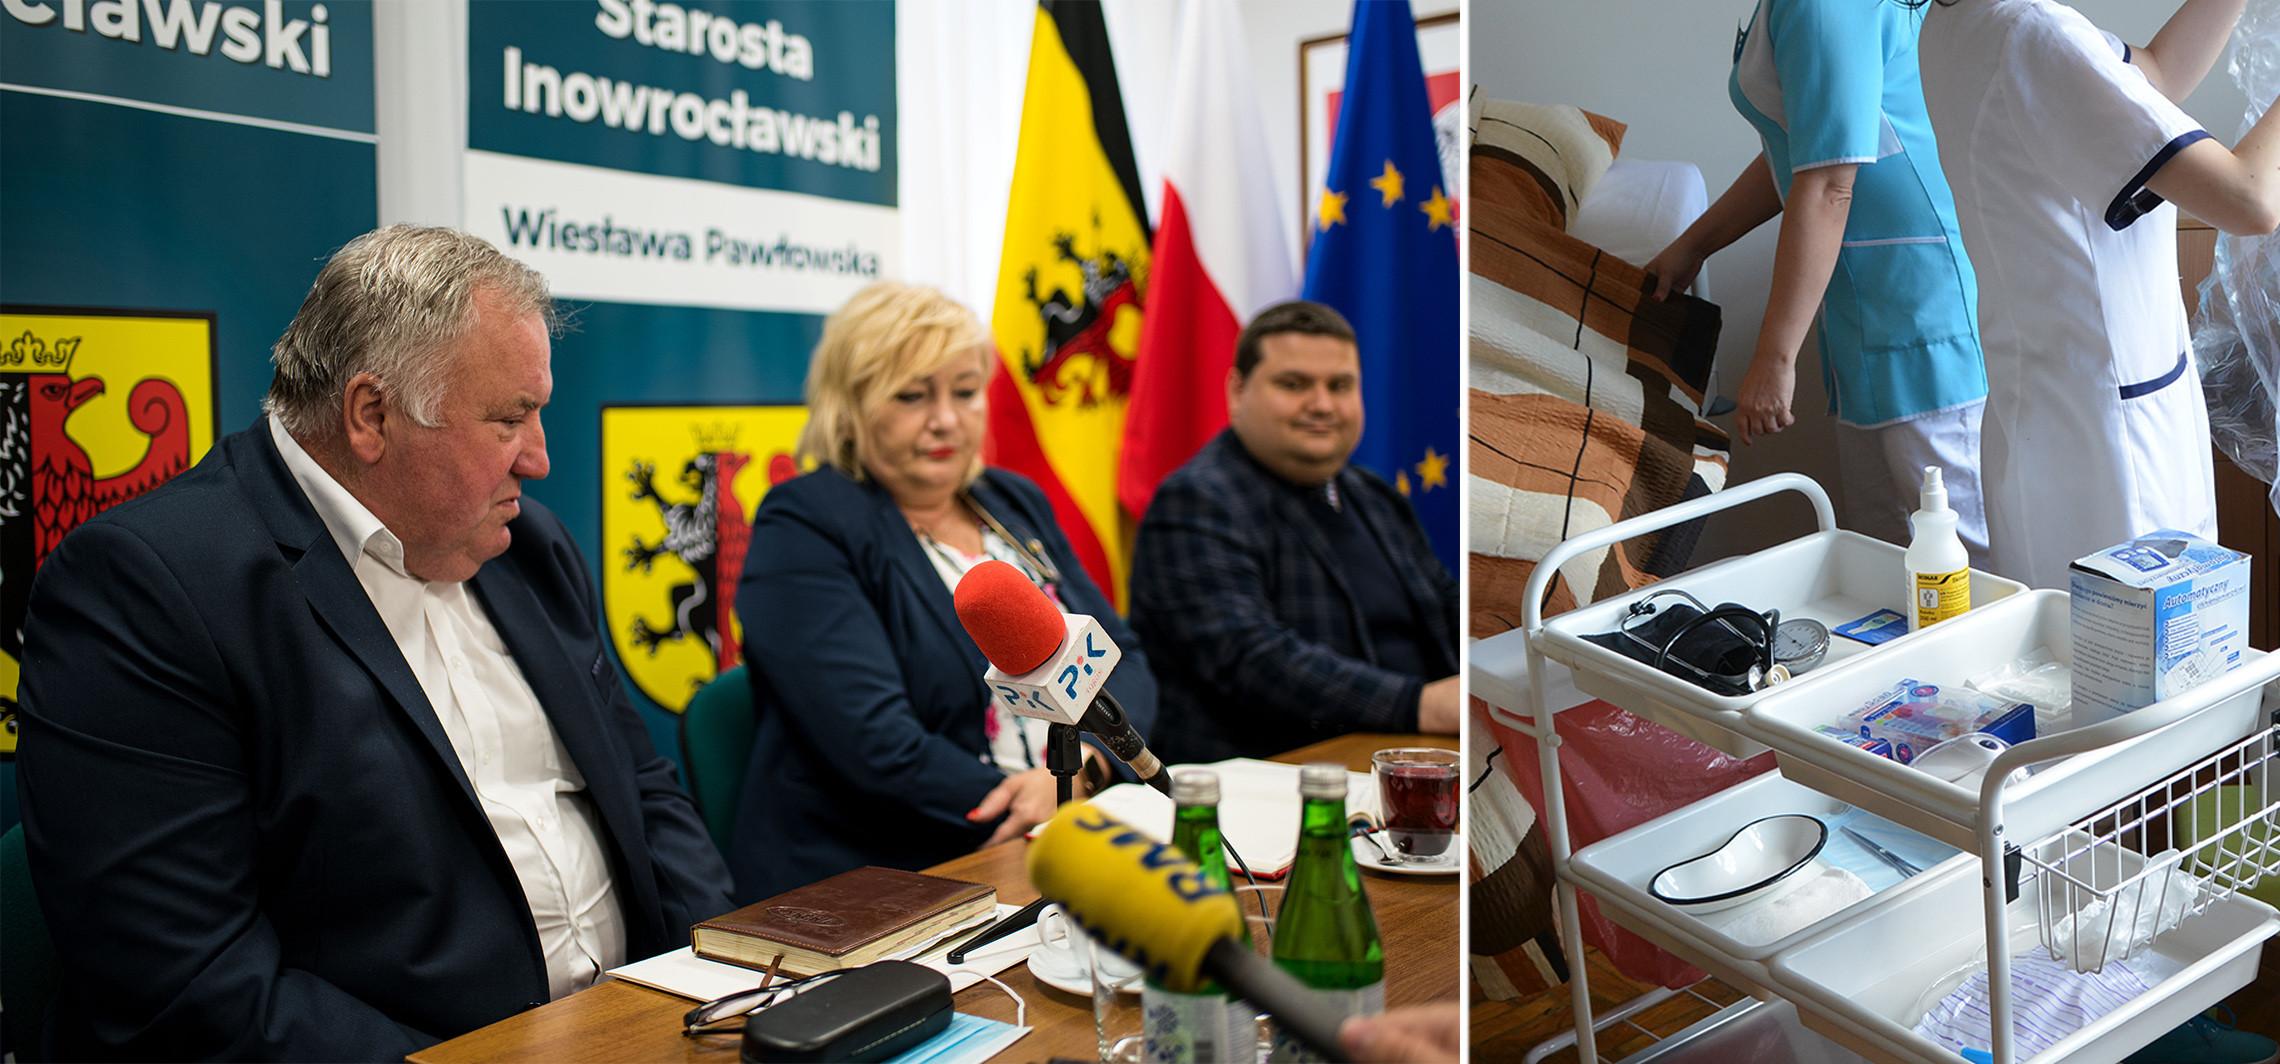 Inowrocław - W Inowrocławiu ruszą studia pielęgniarskie